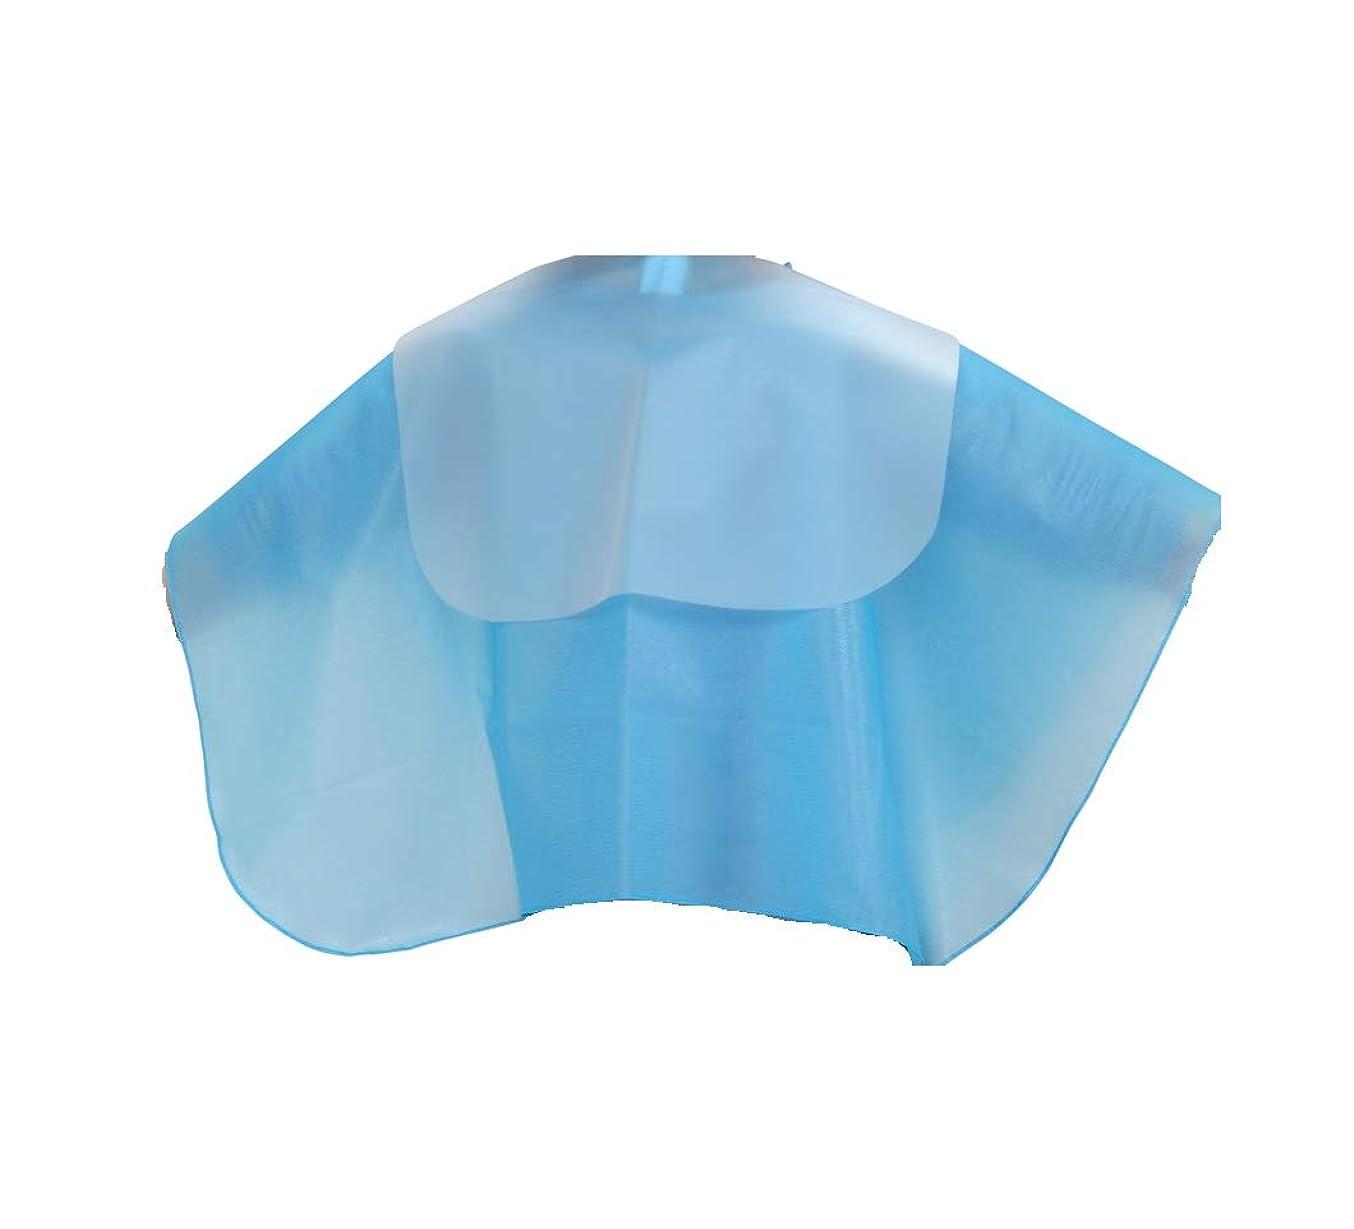 スカートがっかりする電子丸福商会 エクセル ウルトラバックシャンプークロス No.215 (ブルー)